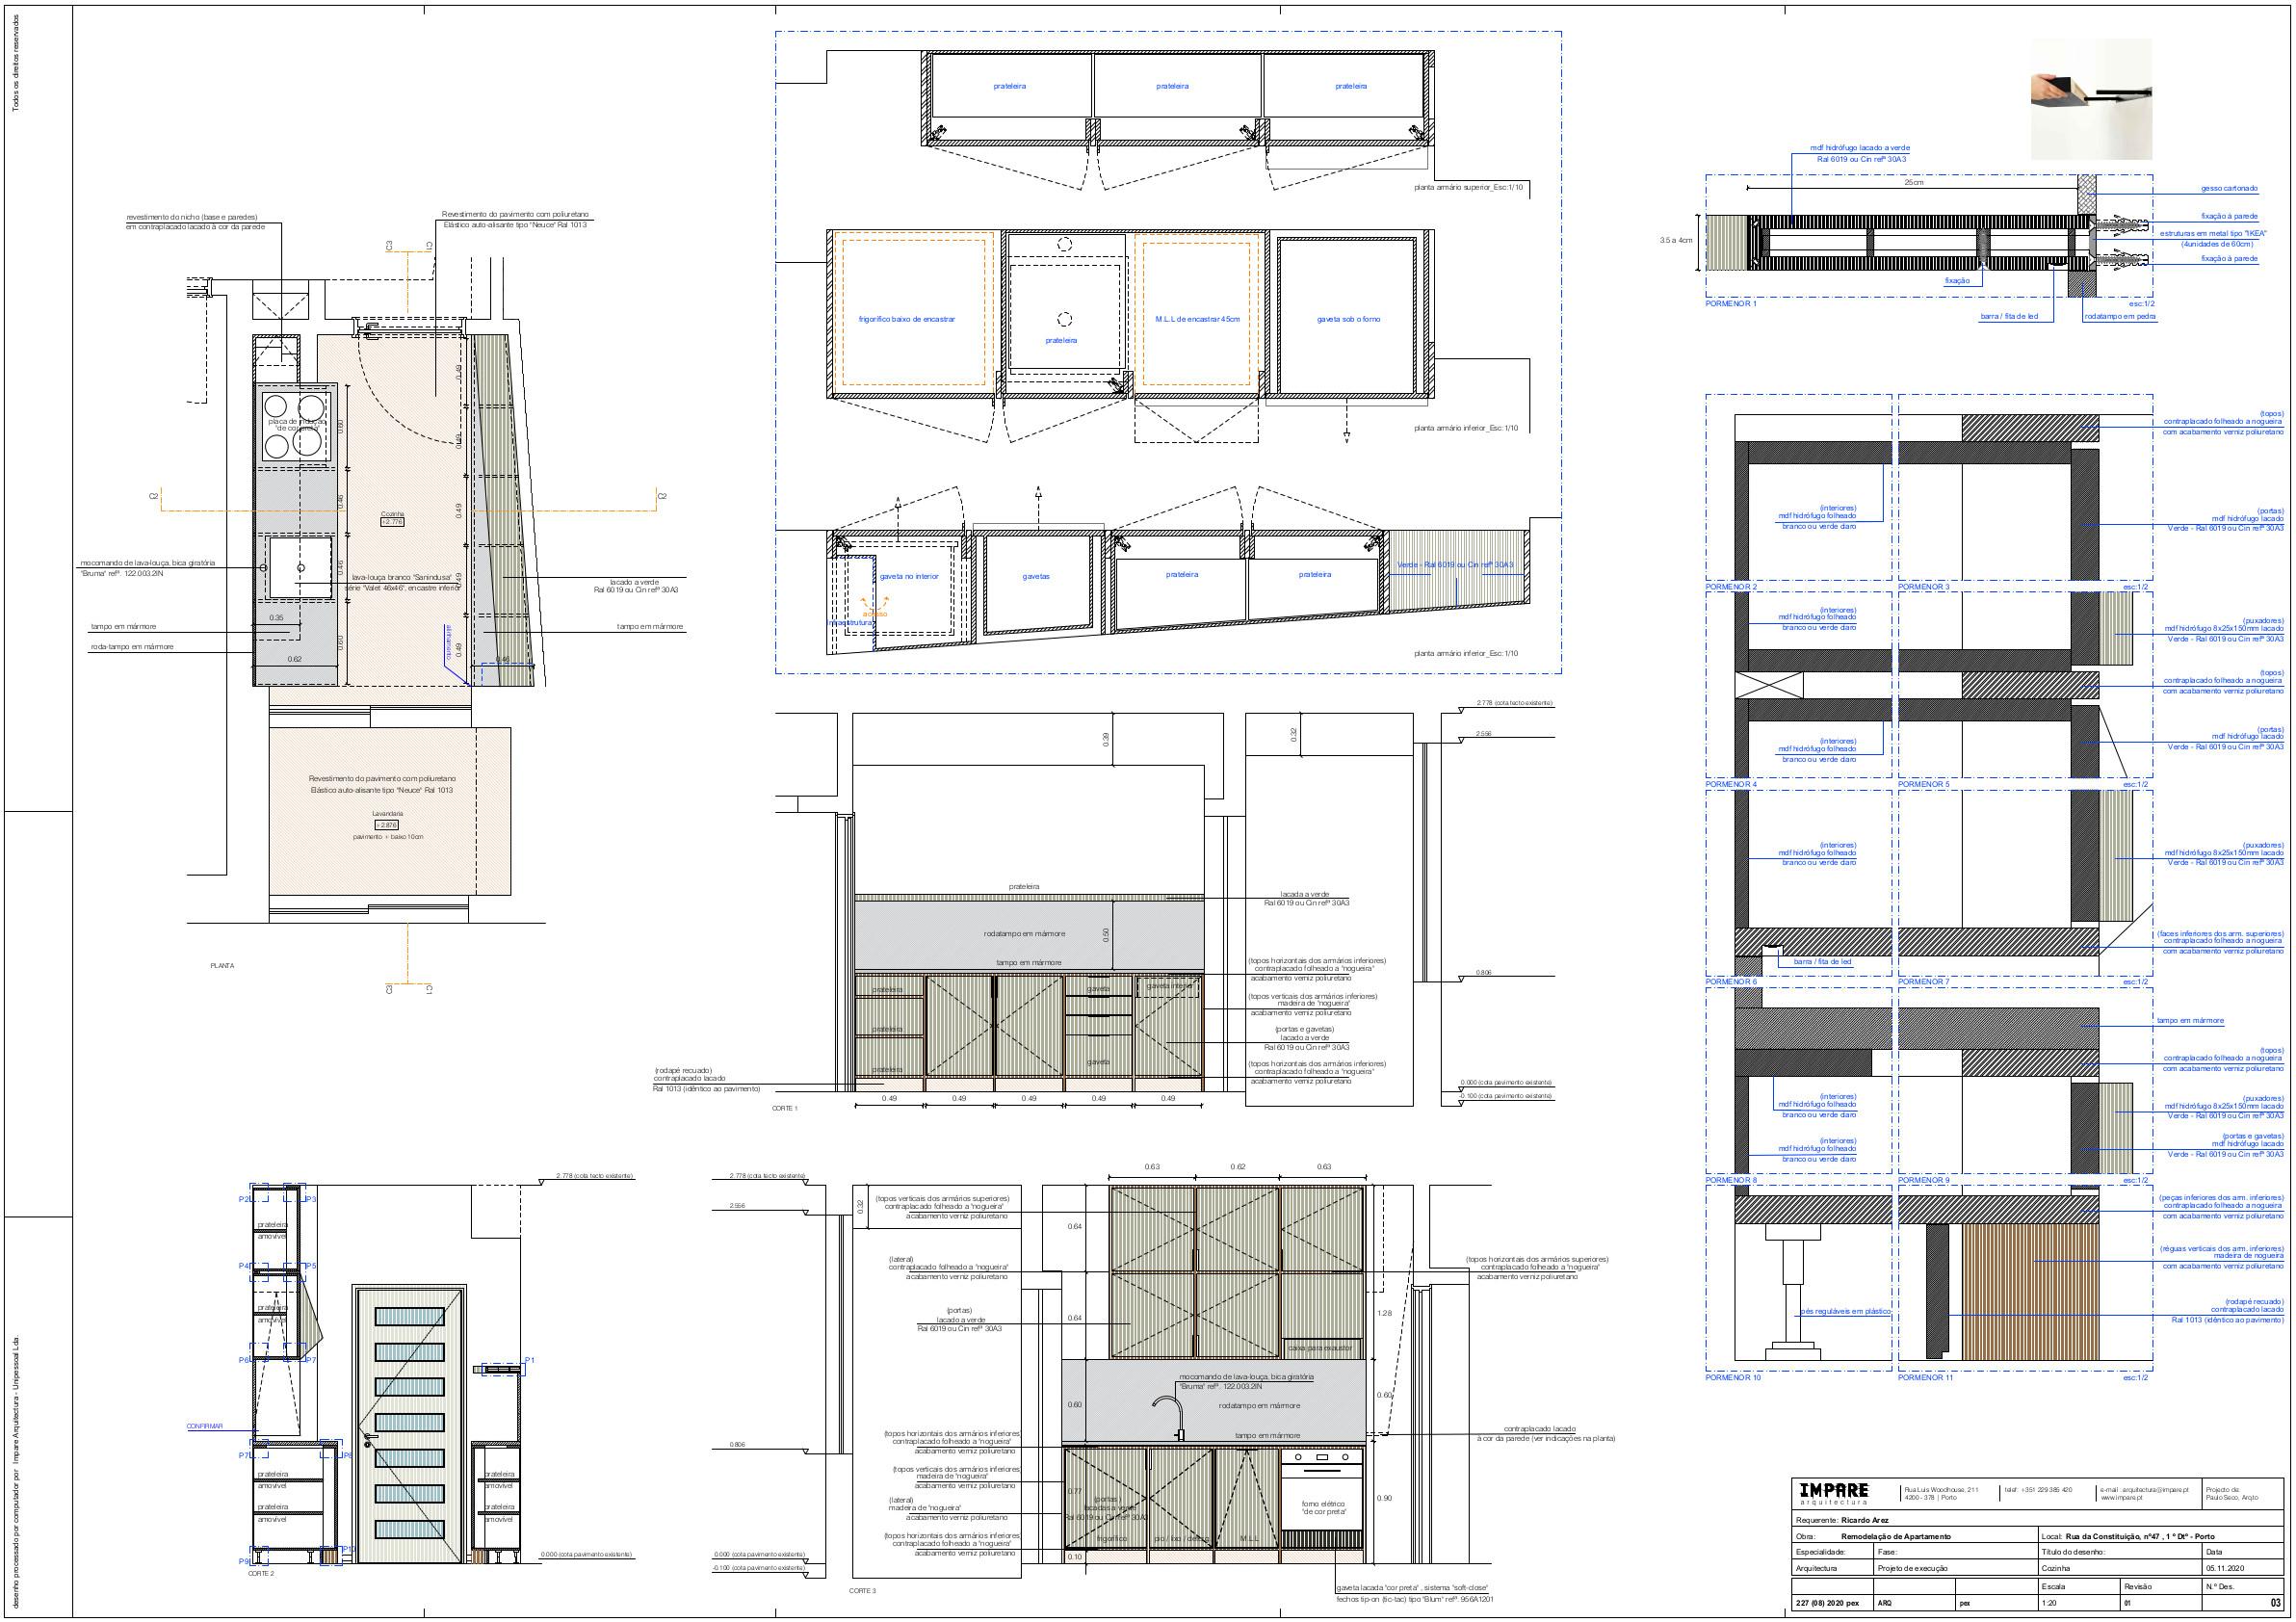 Impare_Arquitectura F03 - Cozinha - pex20